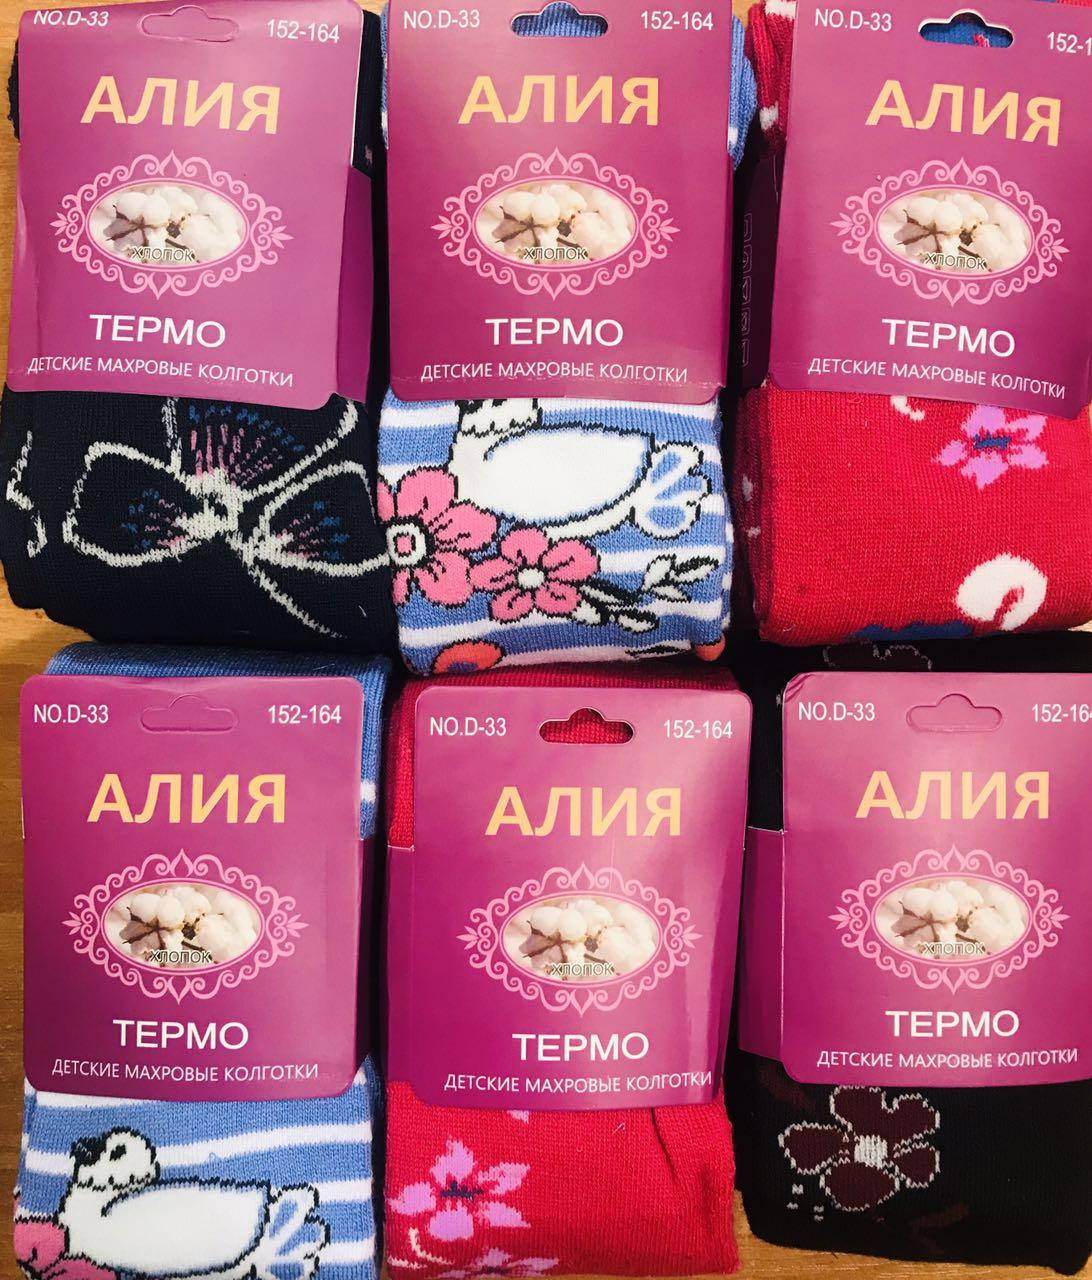 Колготки детские зимние, махровые, термо, из хлопка АЛИЯ ассорти, с цветочными узорами